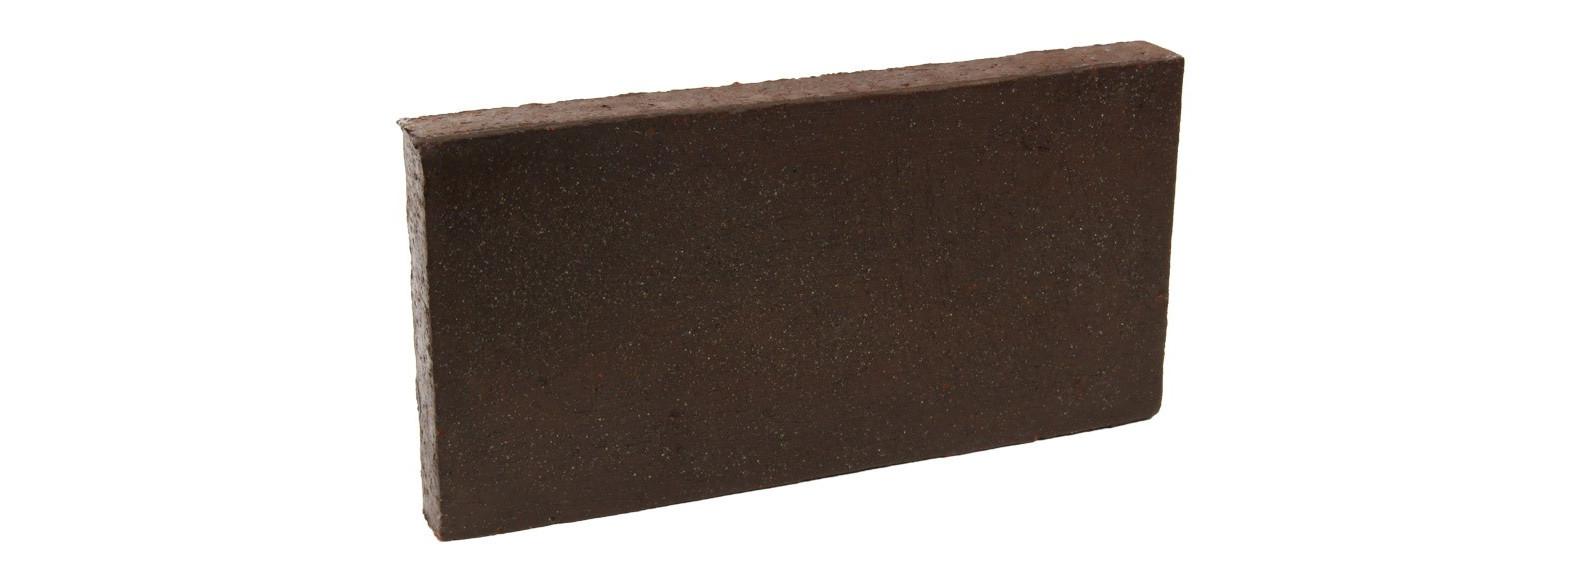 Plaquette De Parement A Coller plaquette de parement patiné main sienne, briquette en terre cuite